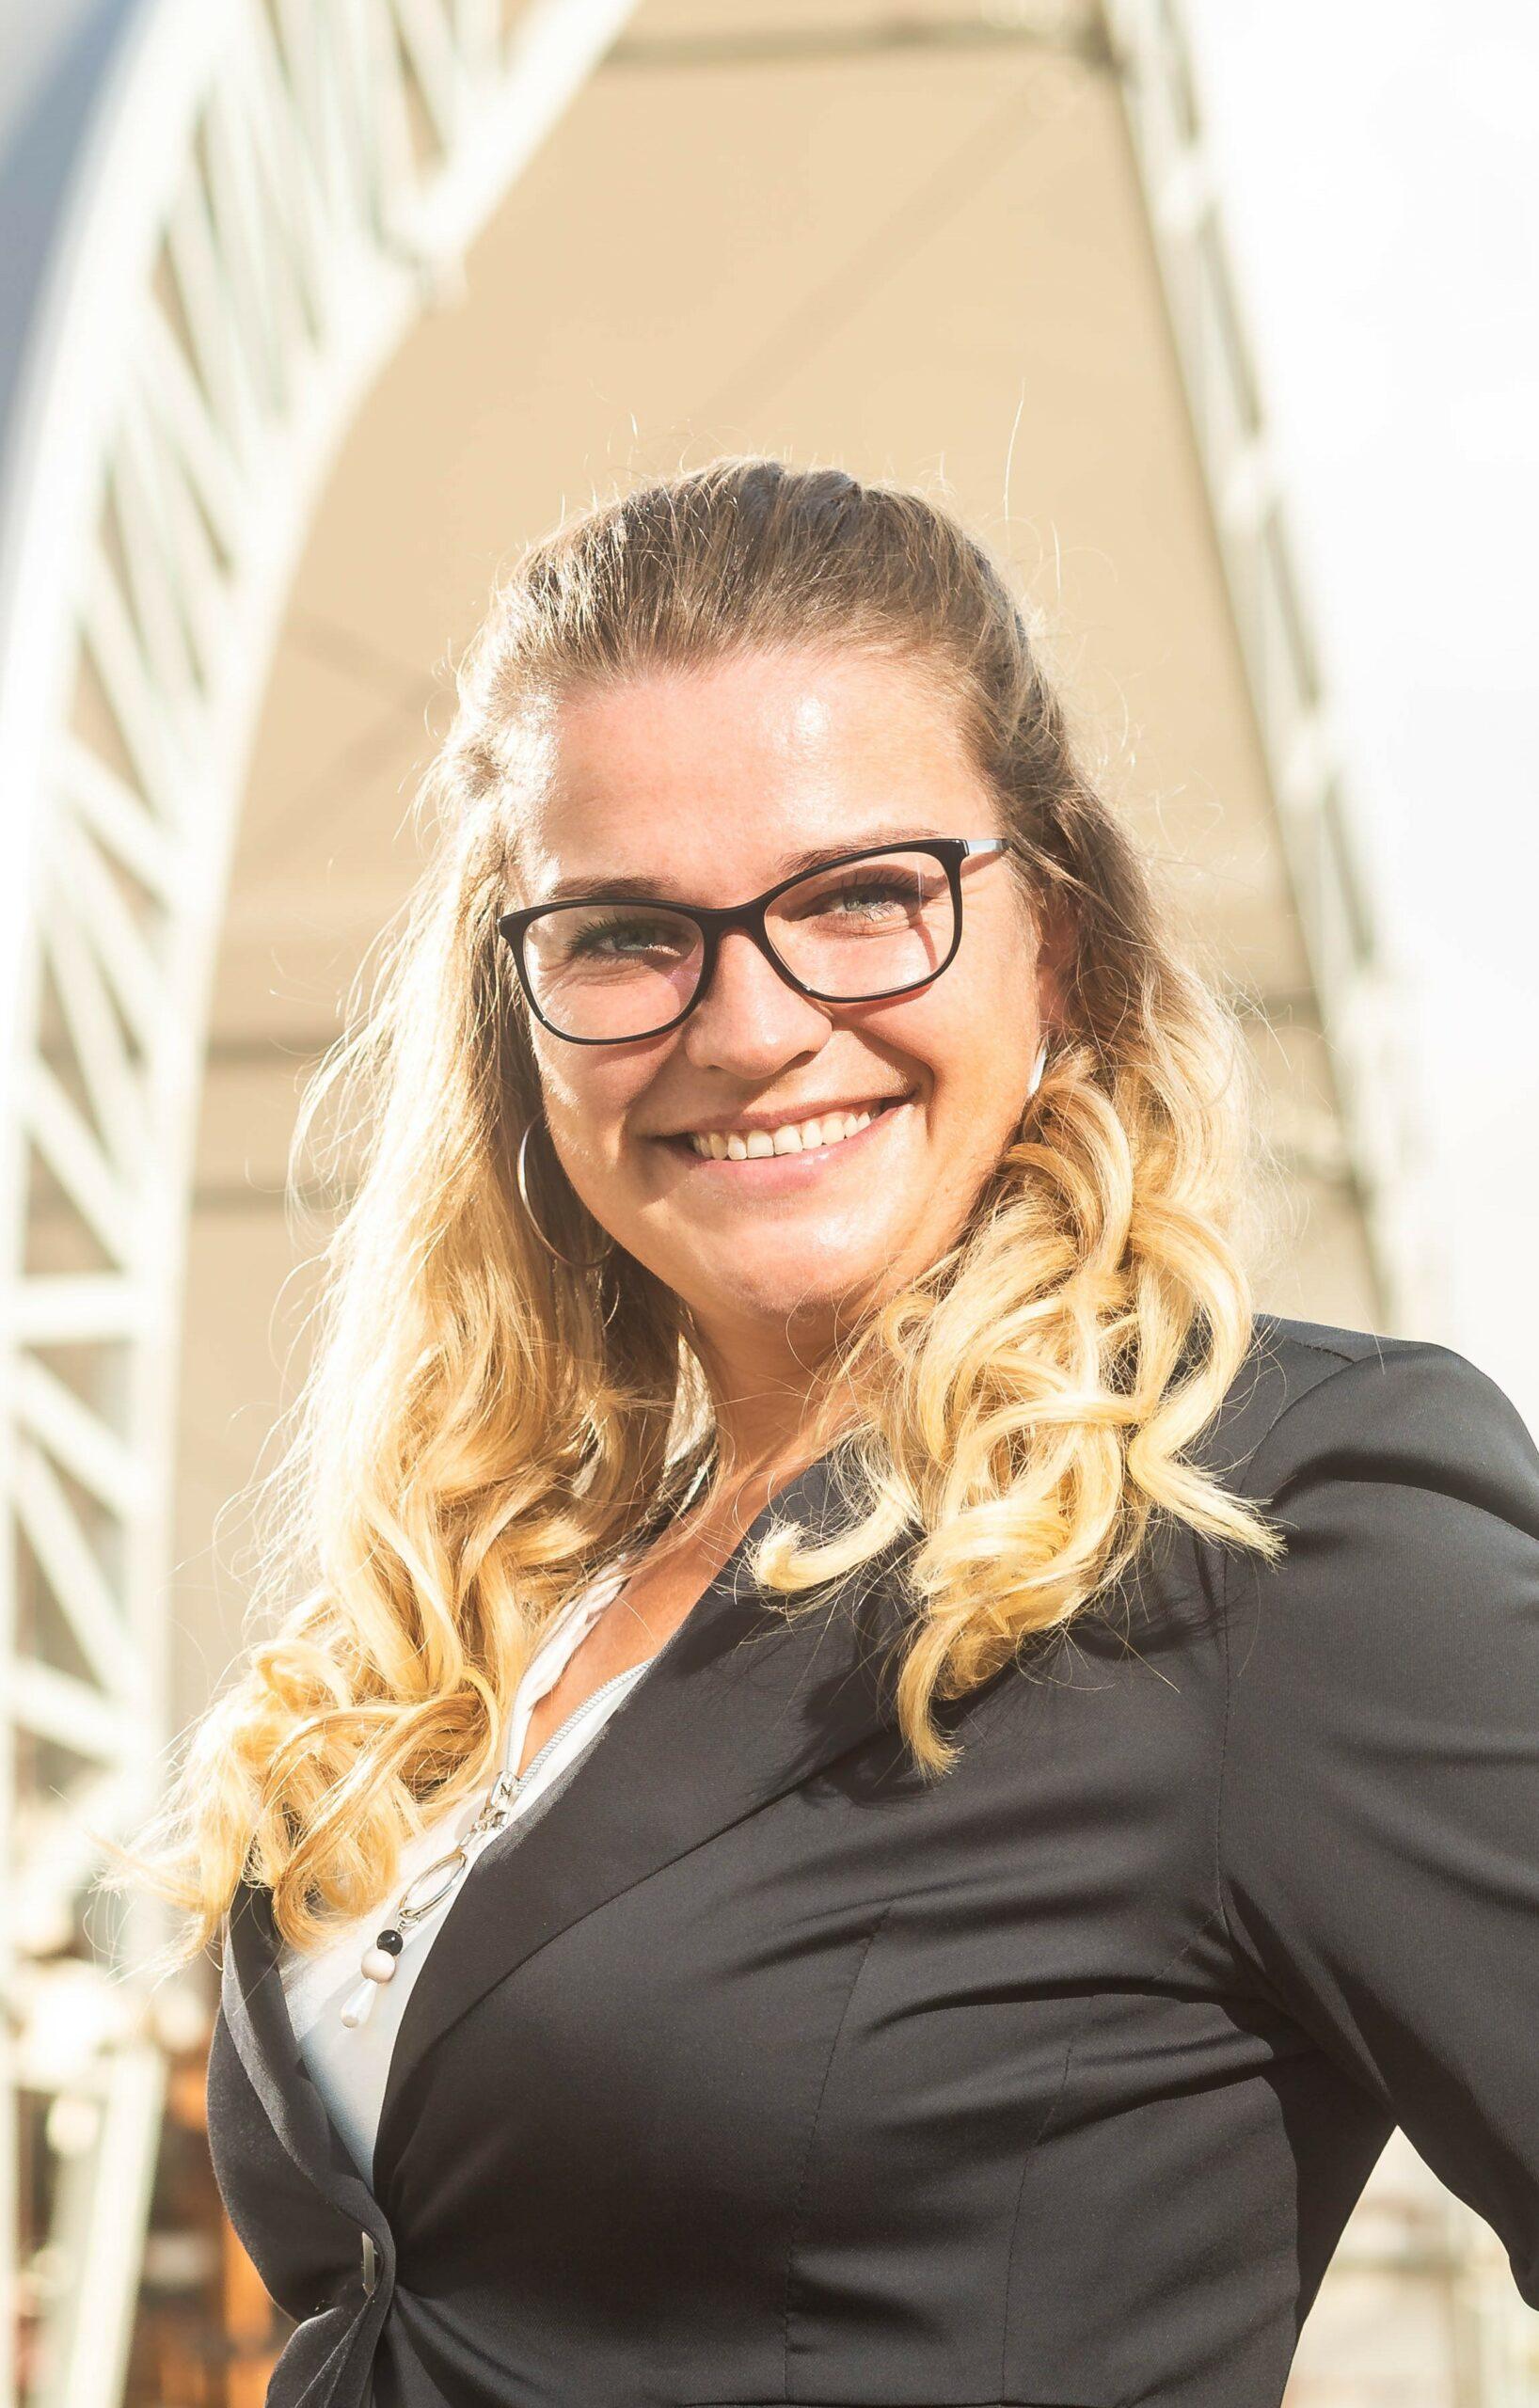 Julia Koltermann